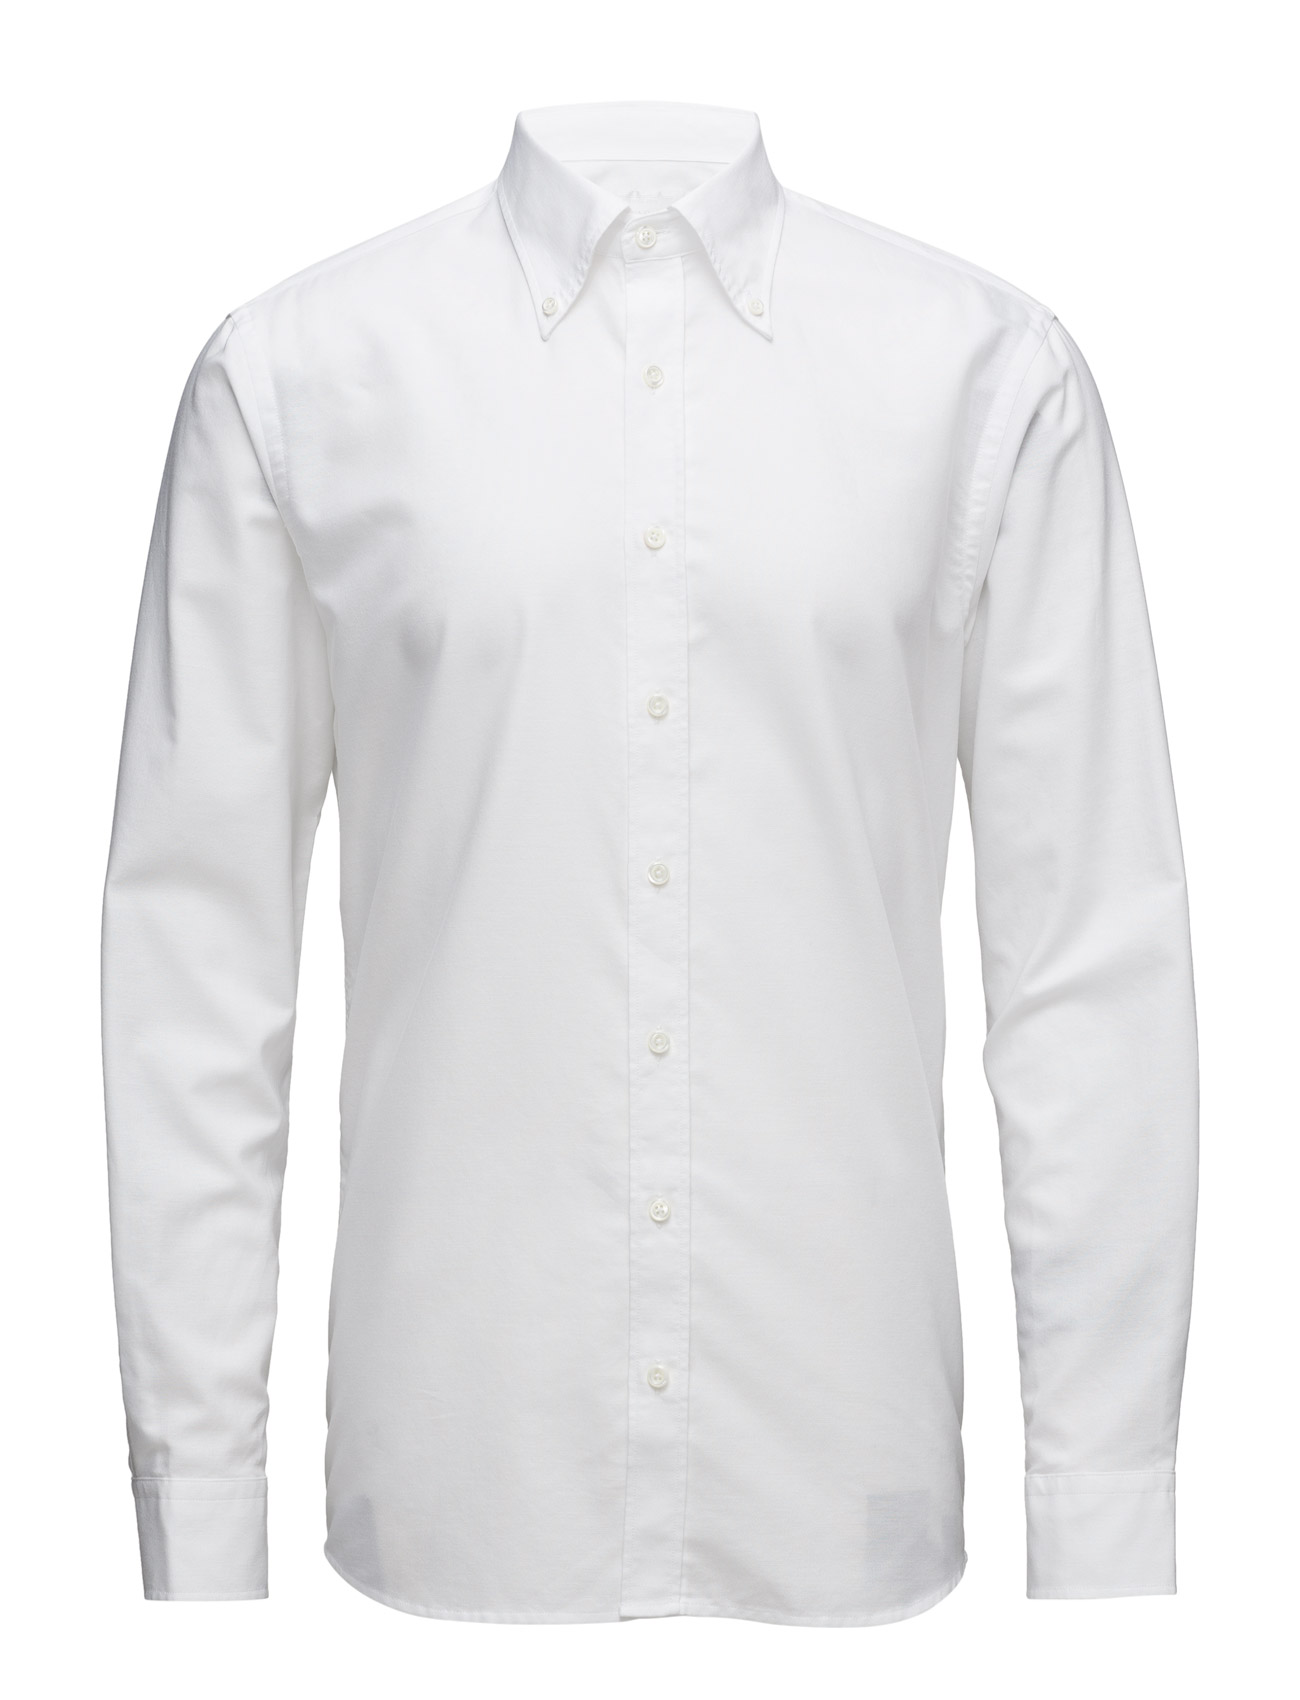 8845f063bad Find Harry 2 Slim Shirt Oscar Jacobson Casual sko i hvid til Herrer hos  Boozt.dk